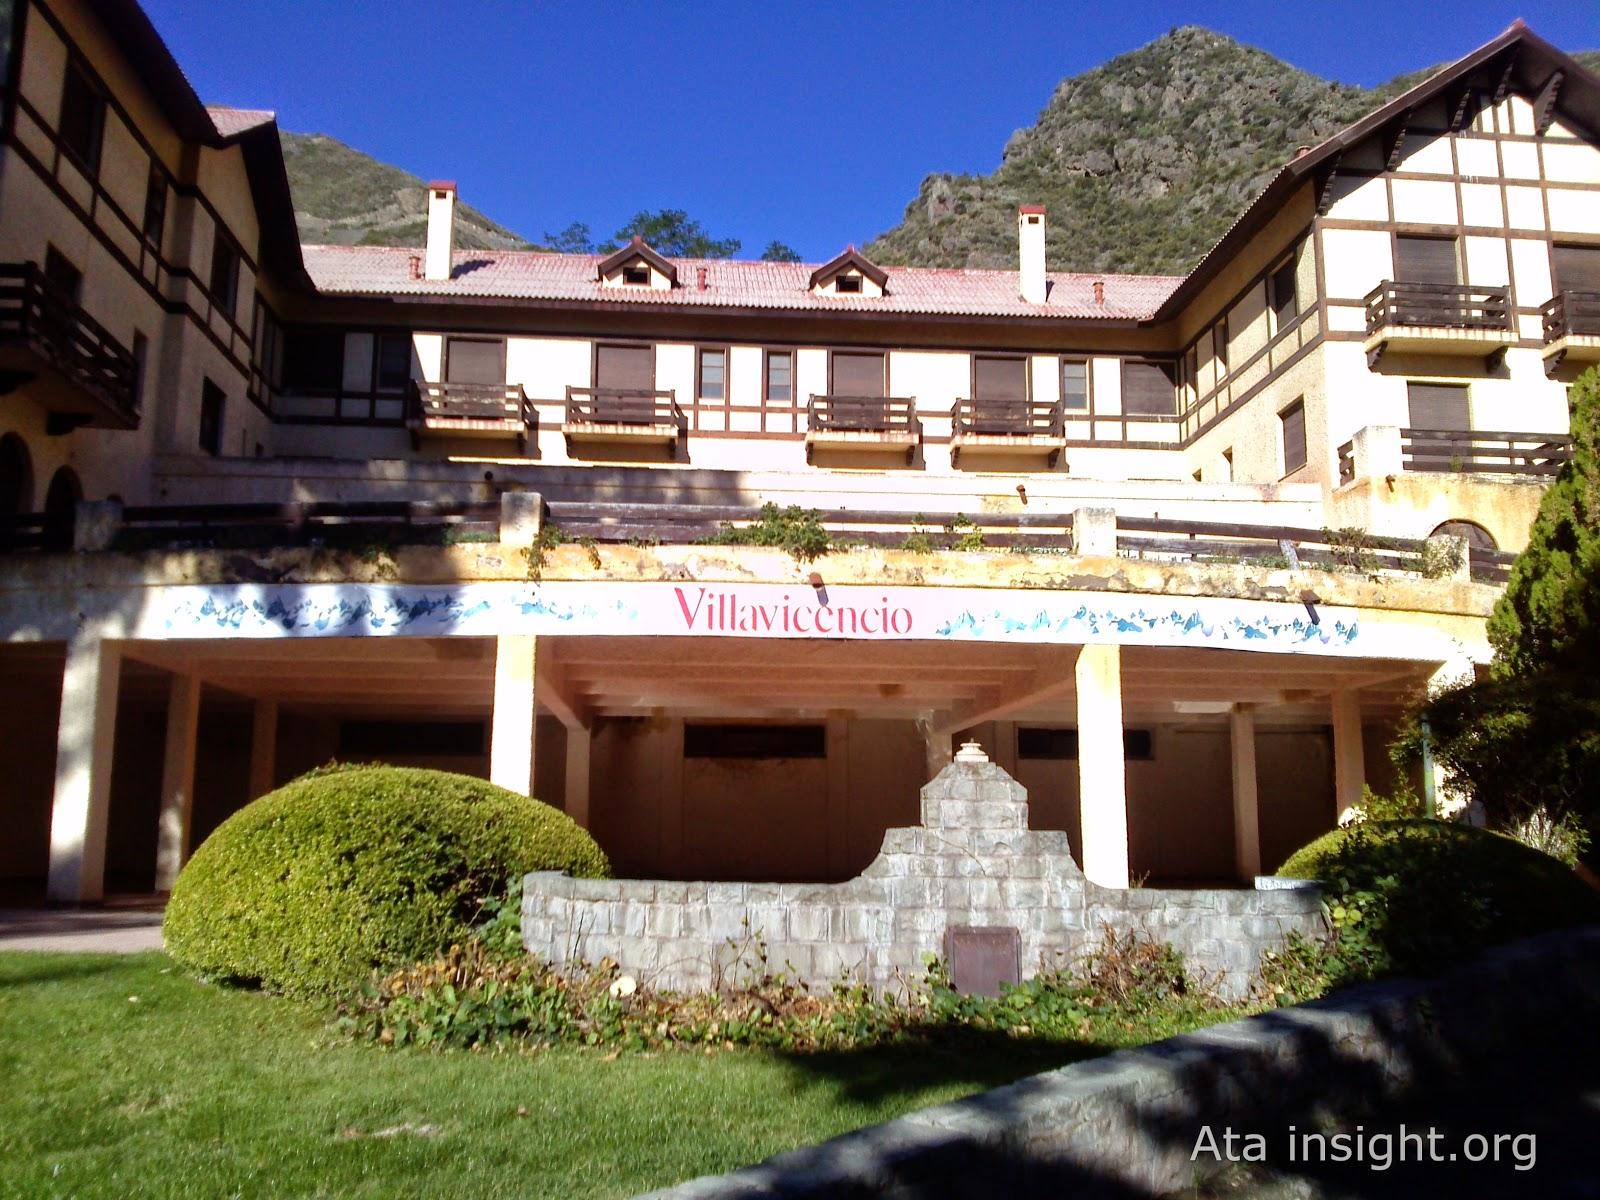 Hotel Villavicencio